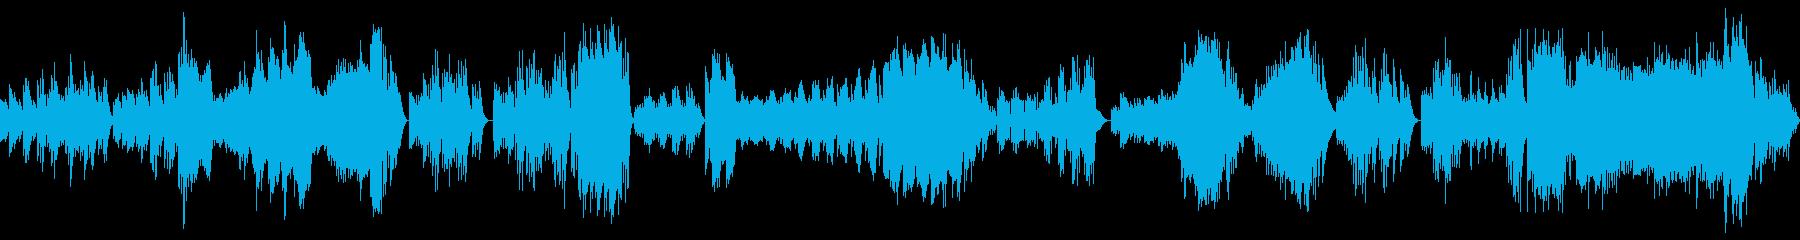 ハイドンピアノソナタ第34番 第一楽章の再生済みの波形